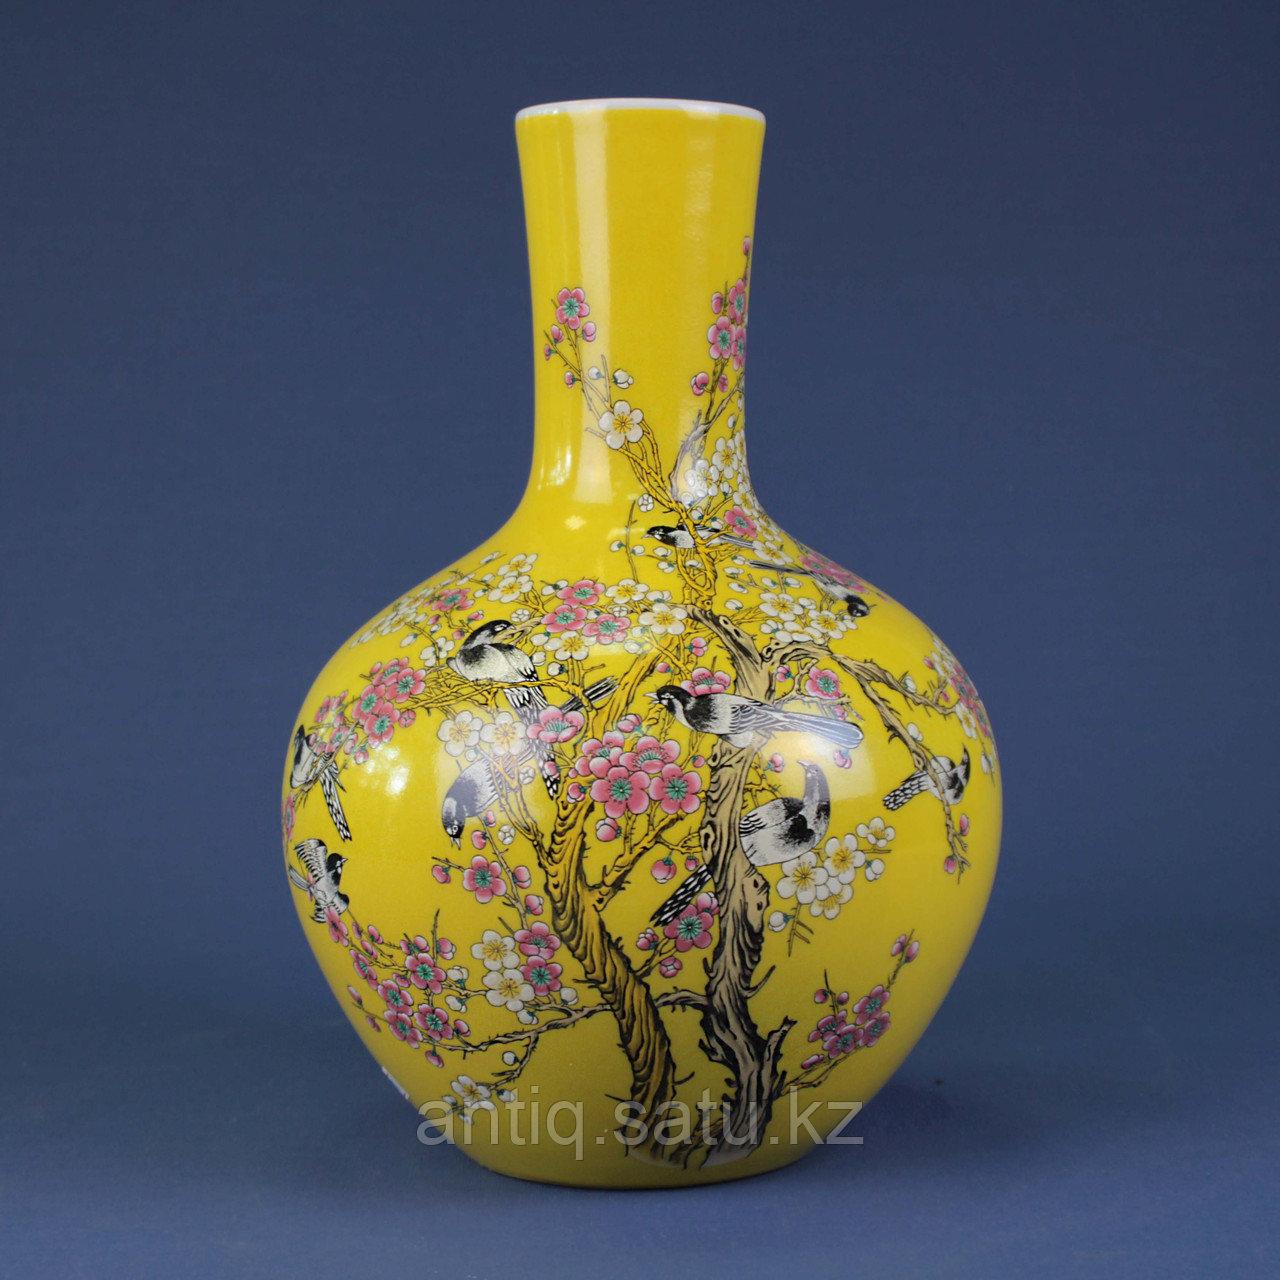 Коллекционная ваза с сертификатом. - фото 1